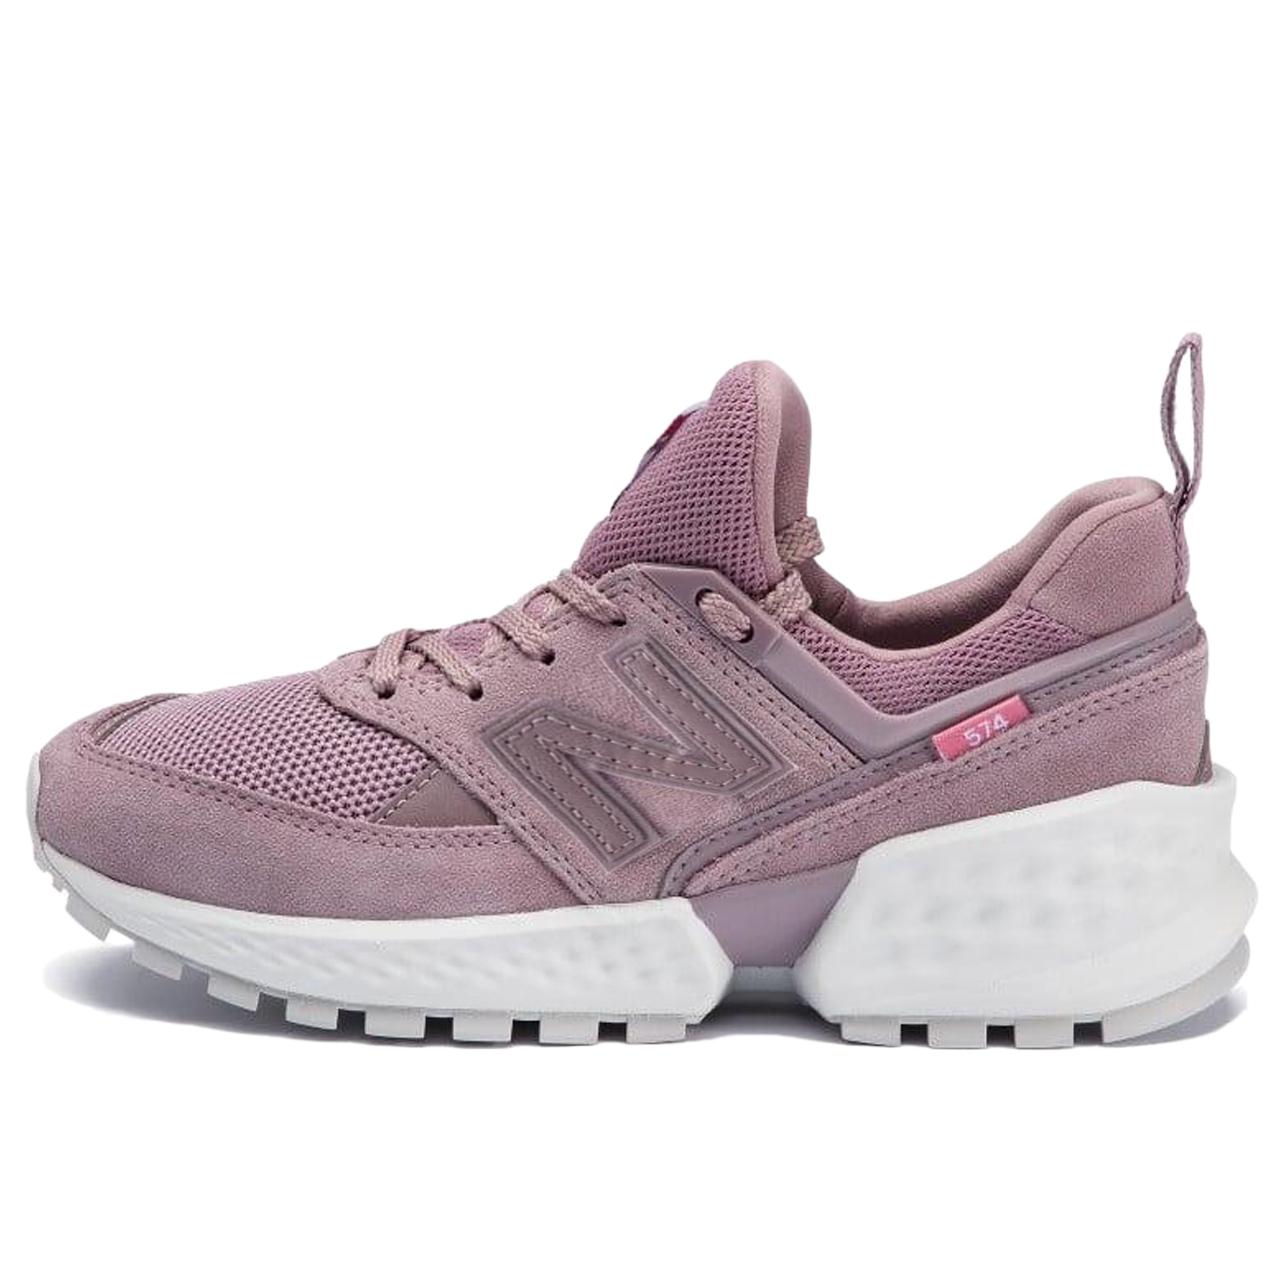 کفش مخصوص پیاده روی زنانه نیوبالانس کد 1-574